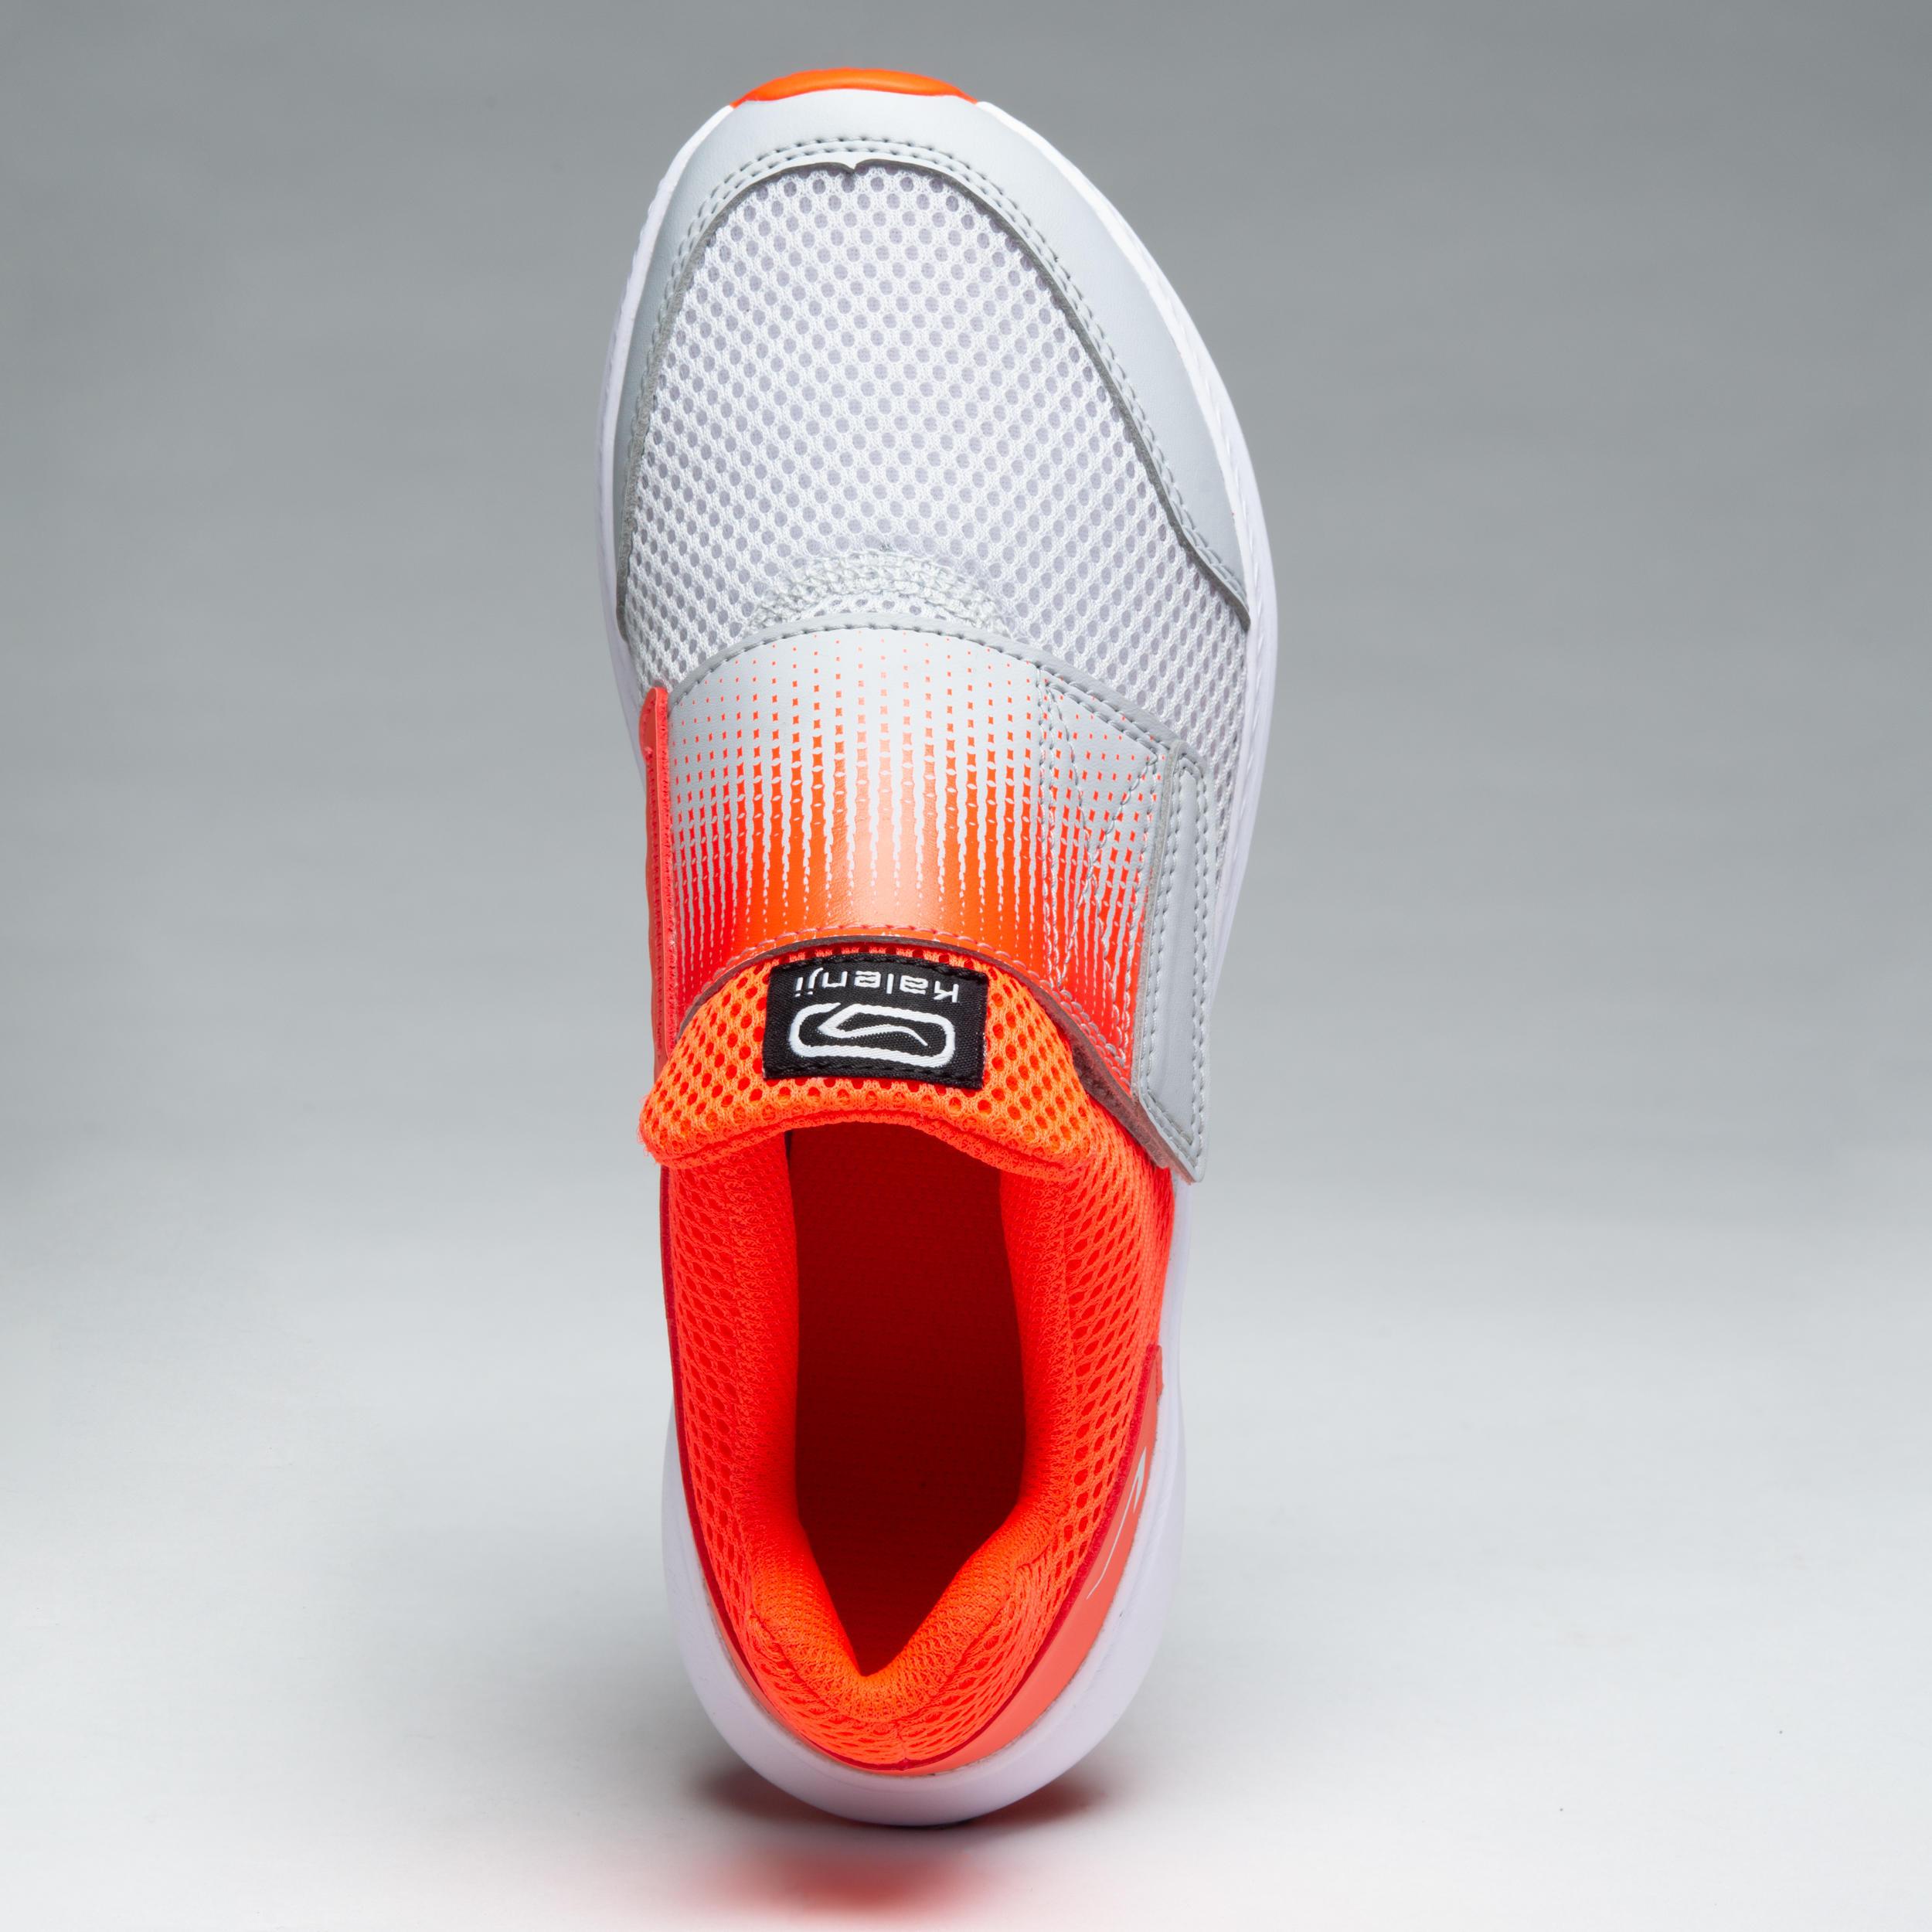 Chaussures de Course Fille 37 Basket Enfants Athl/étiques Sneakers Gar/çon de Sport Running Walking Shoes Respirant Confortable Comp/étition Entra/înement Mode Shoes Pink Rosa Rose Unisex /Ét/é Outdoor